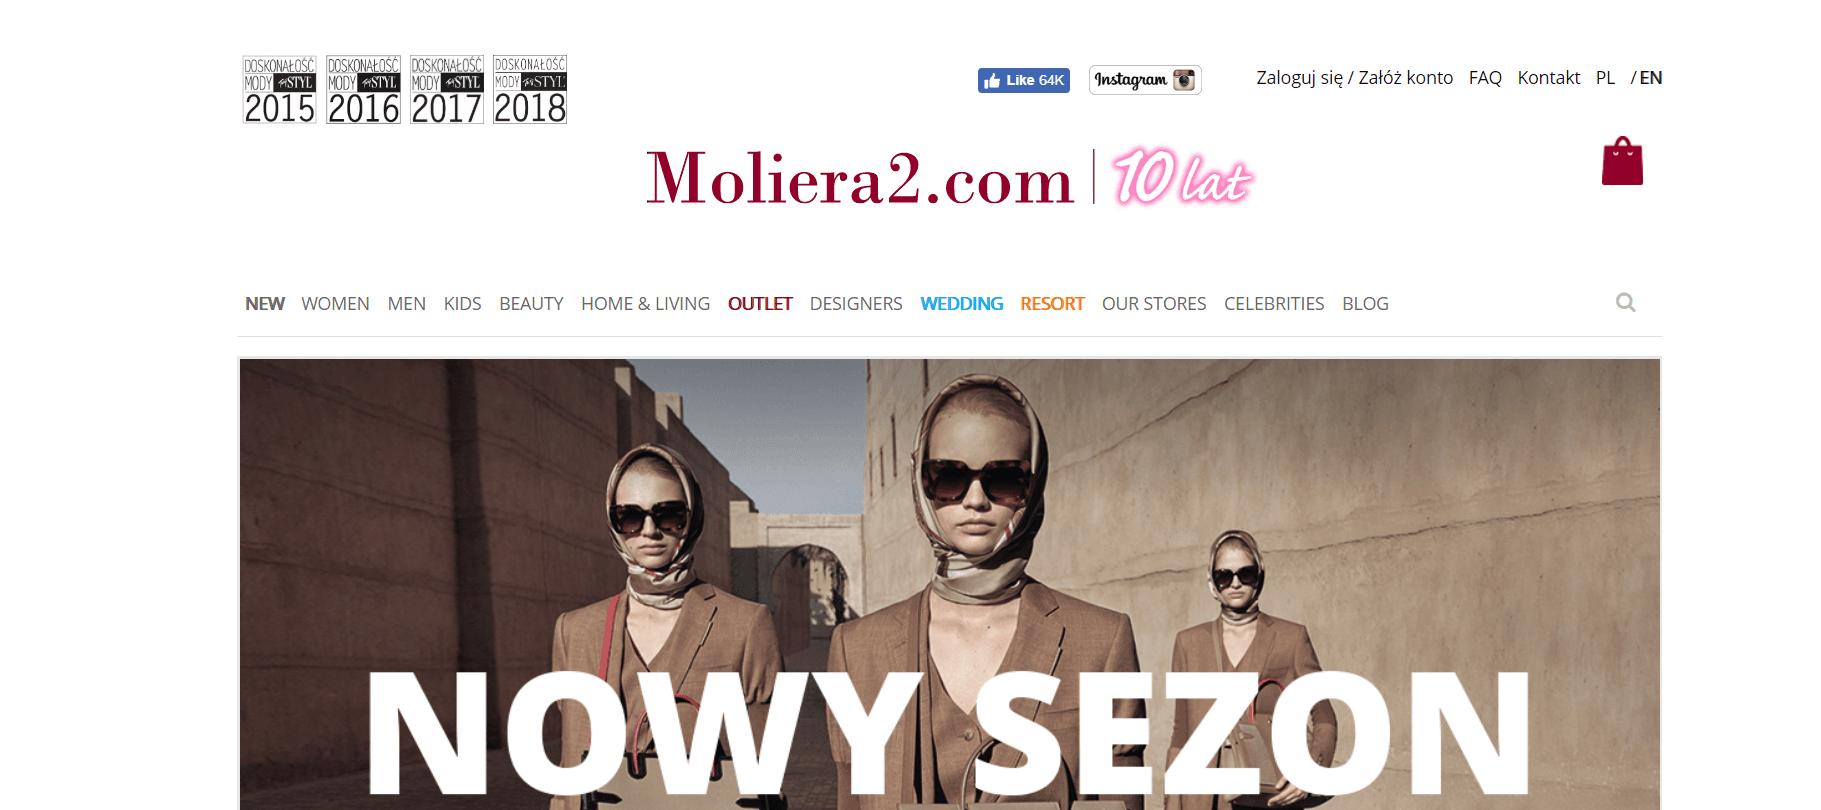 Купівля на Moliera2 з доставкою в Україну - myMeest- 2